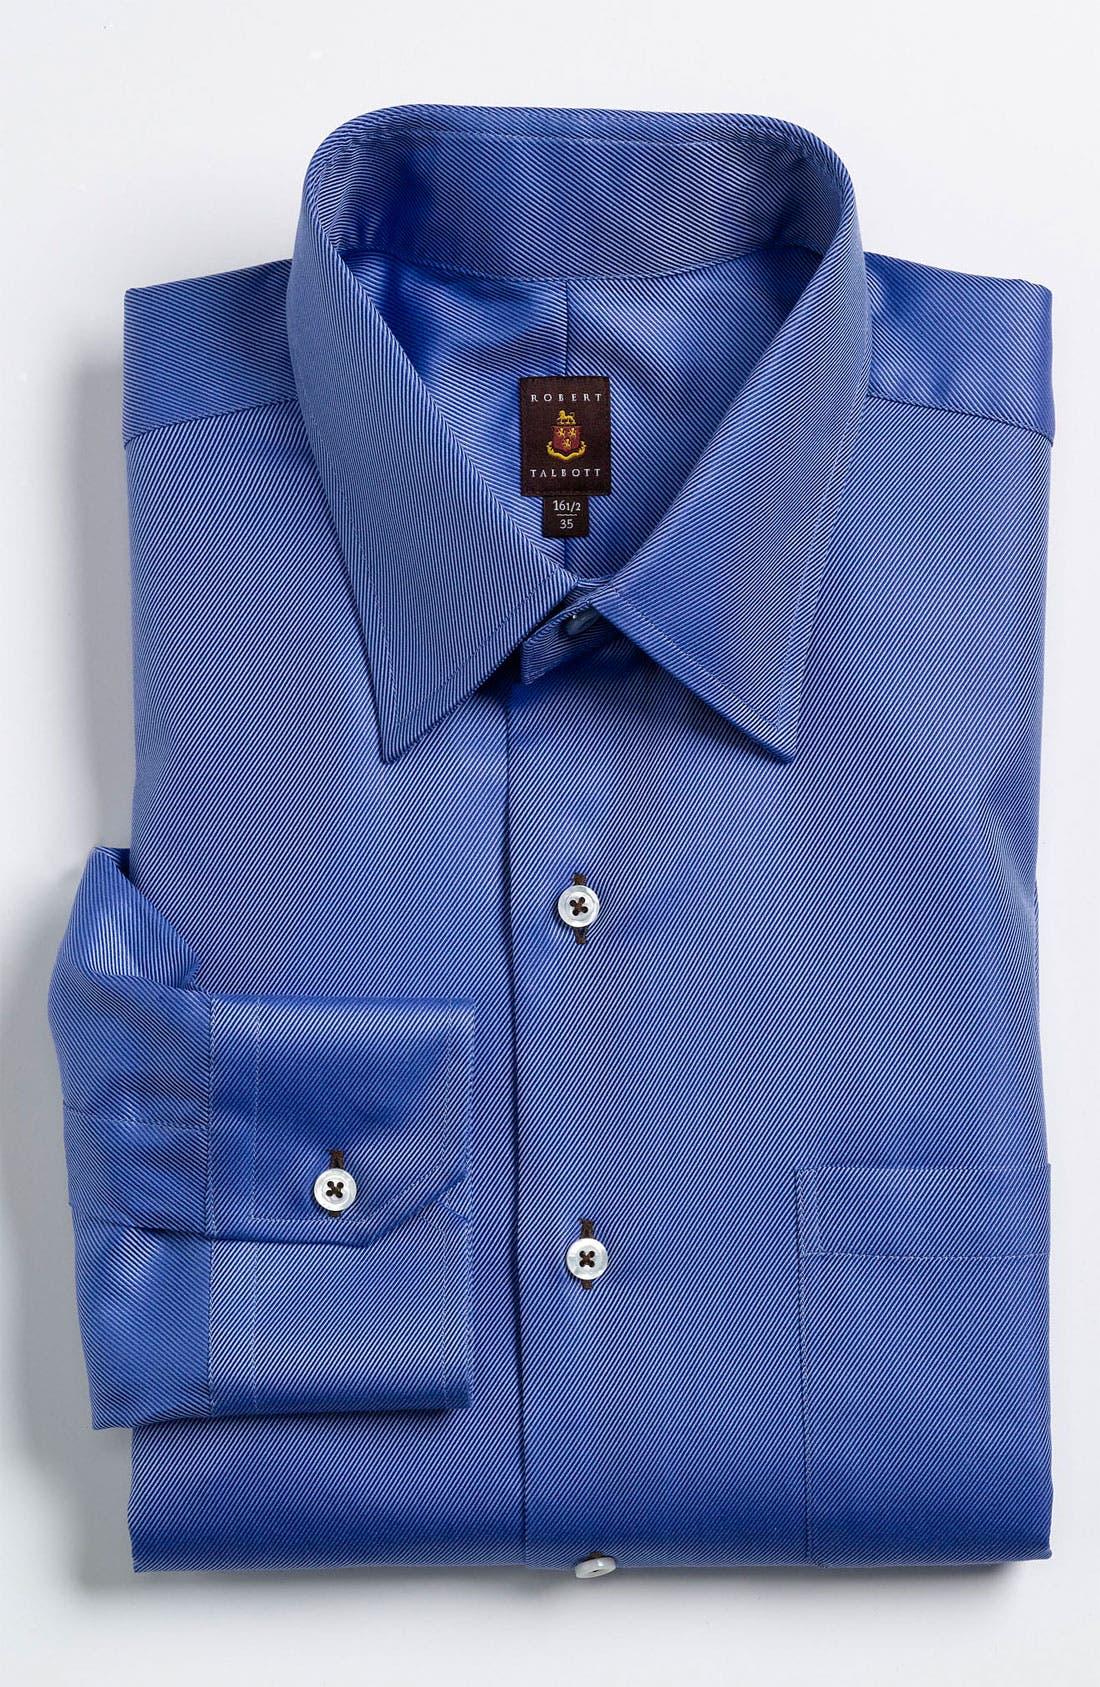 Main Image - Robert Talbott Classic Fit Dress Shirt (Online Only)